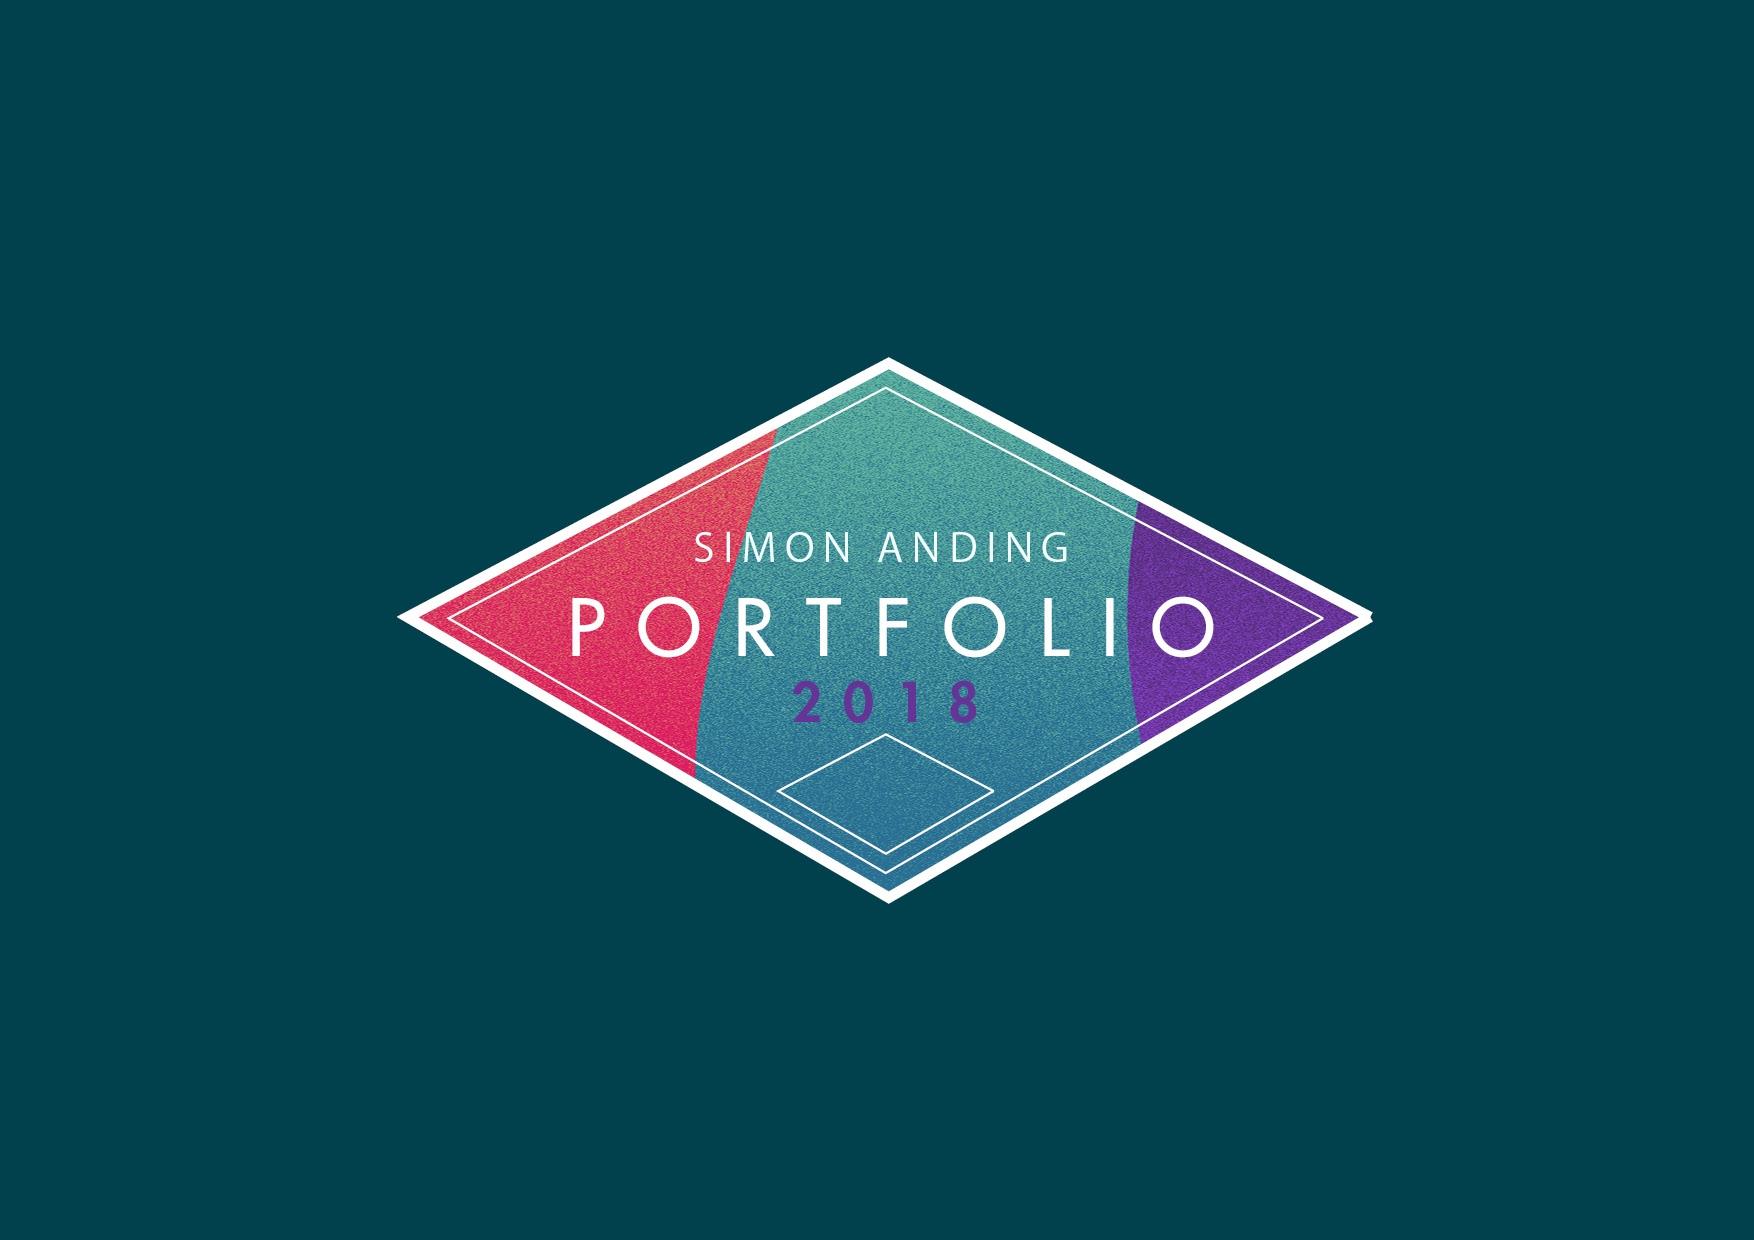 PORTFOLIO_2018_000